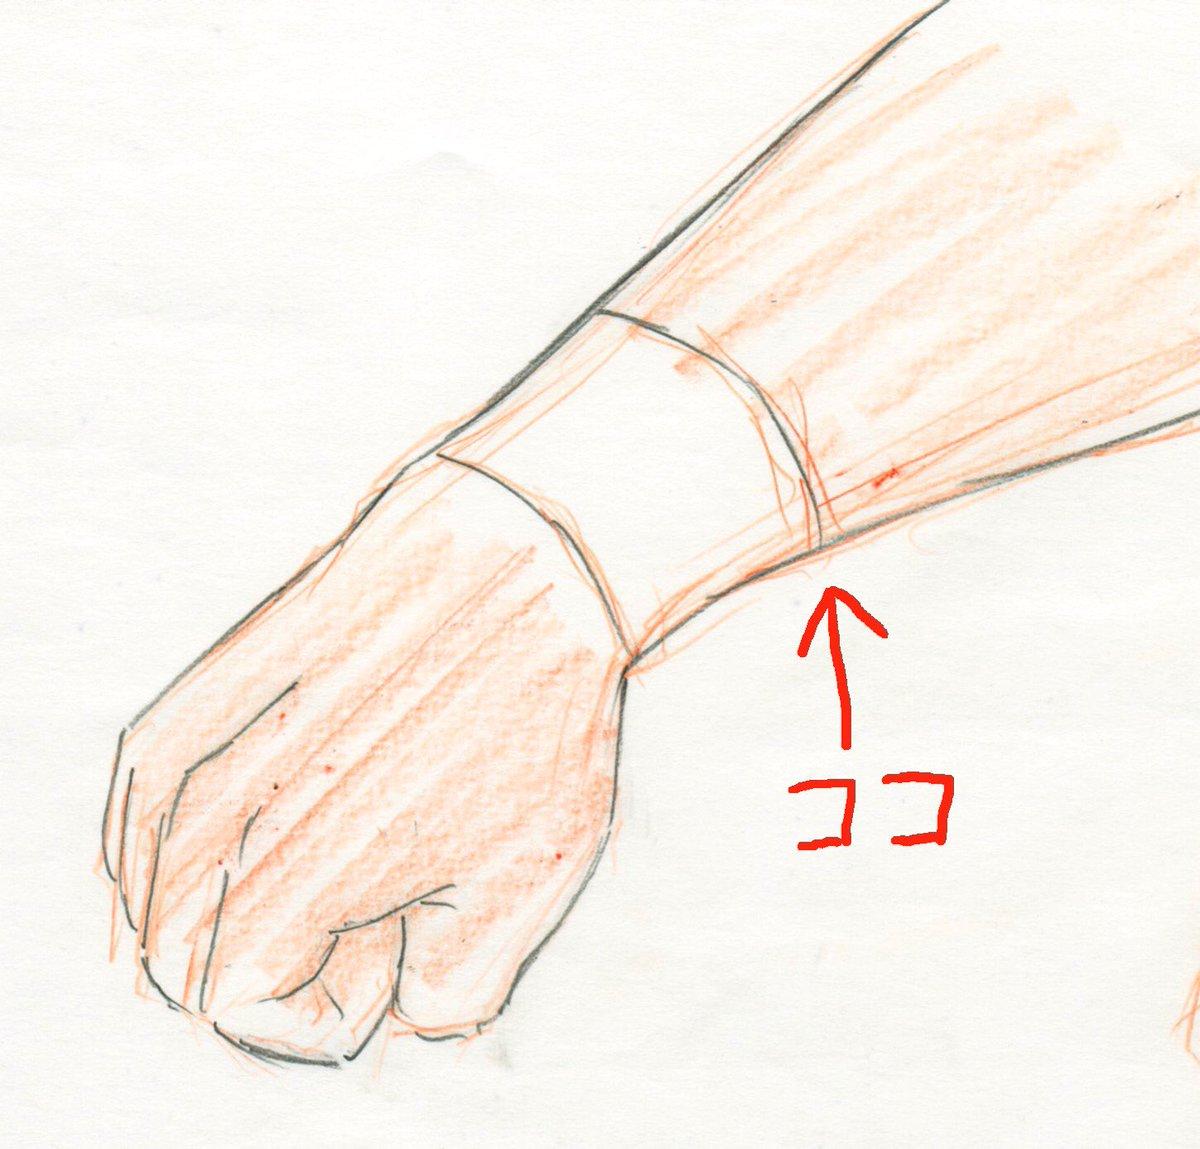 さっきのと同じ様に、最初の頃はプロレスラーの手首のテーピングのココもこう描いてたけど、最近はココはこうじゃないかと思って